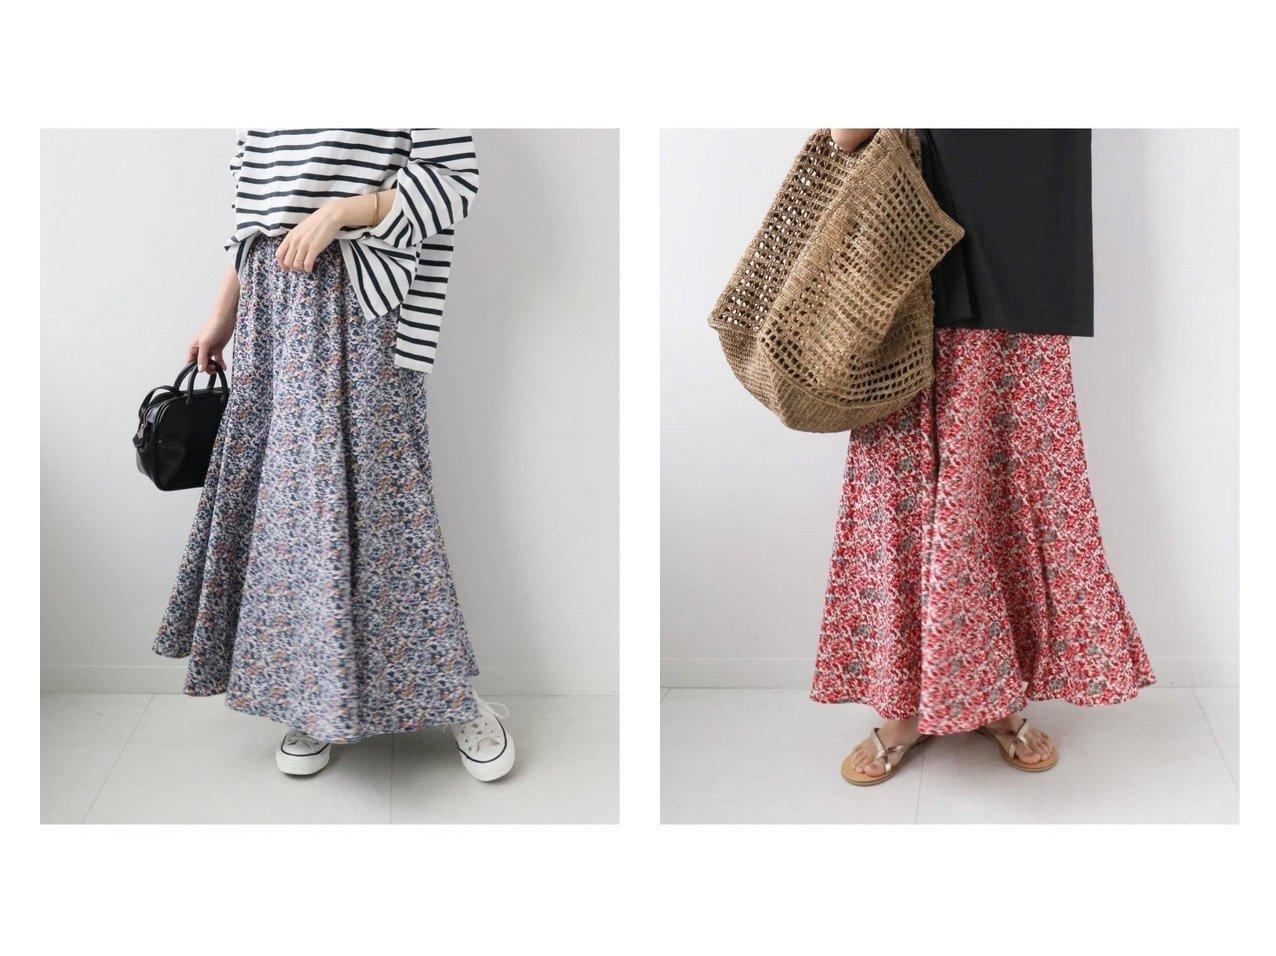 【JOURNAL STANDARD relume/ジャーナルスタンダード レリューム】のフラワープリントマーメイドスカート 【スカート】おすすめ!人気トレンド・レディースファッション通販 おすすめで人気の流行・トレンド、ファッションの通販商品 インテリア・家具・メンズファッション・キッズファッション・レディースファッション・服の通販 founy(ファニー) https://founy.com/ ファッション Fashion レディースファッション WOMEN スカート Skirt ロングスカート Long Skirt 2021年 2021 2021春夏・S/S SS/Spring/Summer/2021 S/S・春夏 SS・Spring/Summer カットソー シンプル フラワー マーメイド ロング 夏 Summer 春 Spring  ID:crp329100000052941